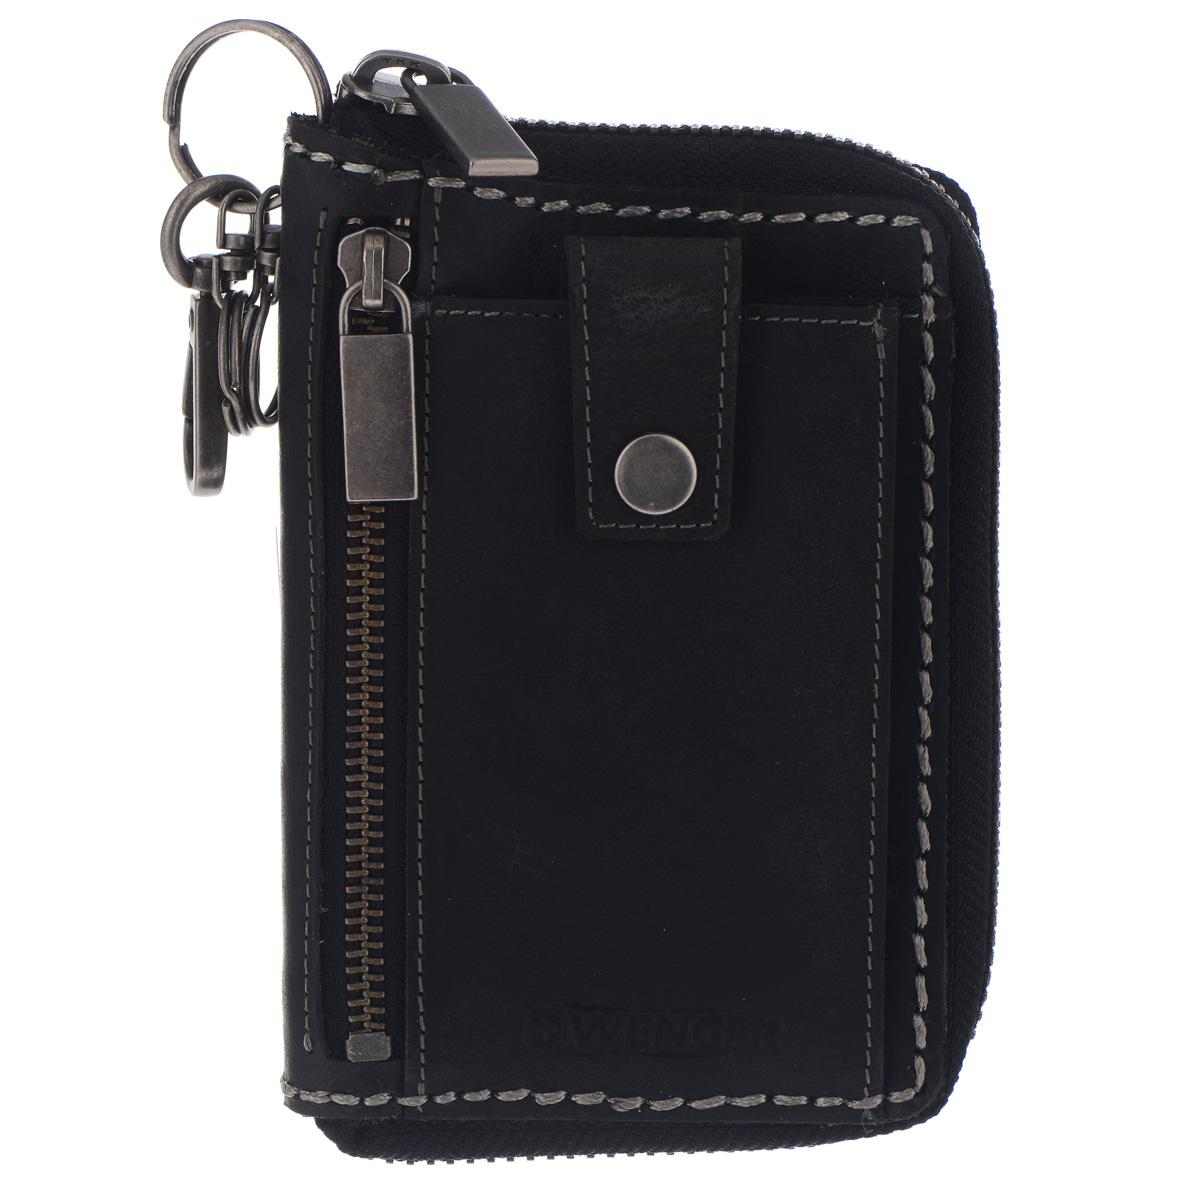 Портмоне мужское Wenger, цвет: черный. W23-21W23-21BLACKОригинальное мужское портмоне Wenger изготовлено из натуральной кожи и оформлено крупными декоративными стежками, фирменным тиснением на лицевой и обратной сторонах. Внутреннее отделение, закрывающееся на застежку-молнию, содержит один отсек для бумаг и чеков, четыре прорези для визиток и кредитных карт и два сетчатых кармана для фото. На задней стенке портмоне расположен отсек на кнопках, который дополнен пятью прорезями, двумя сетчатыми карманами, держателем для письменных принадлежностей и четырьмя кармашками для SIM-карт и флеш-карт. На лицевой стороне расположен отсек для мелочи на застежке-молнии и накладной карман для мобильного телефона на замке-кнопке, на обратной - открытый карман. Изделие оснащено тремя металлическими кольцами и карабином для хранения ключей. Портмоне упаковано в фирменную коробку. Модное портмоне Wenger займет достойное место среди вашей коллекции аксессуаров.